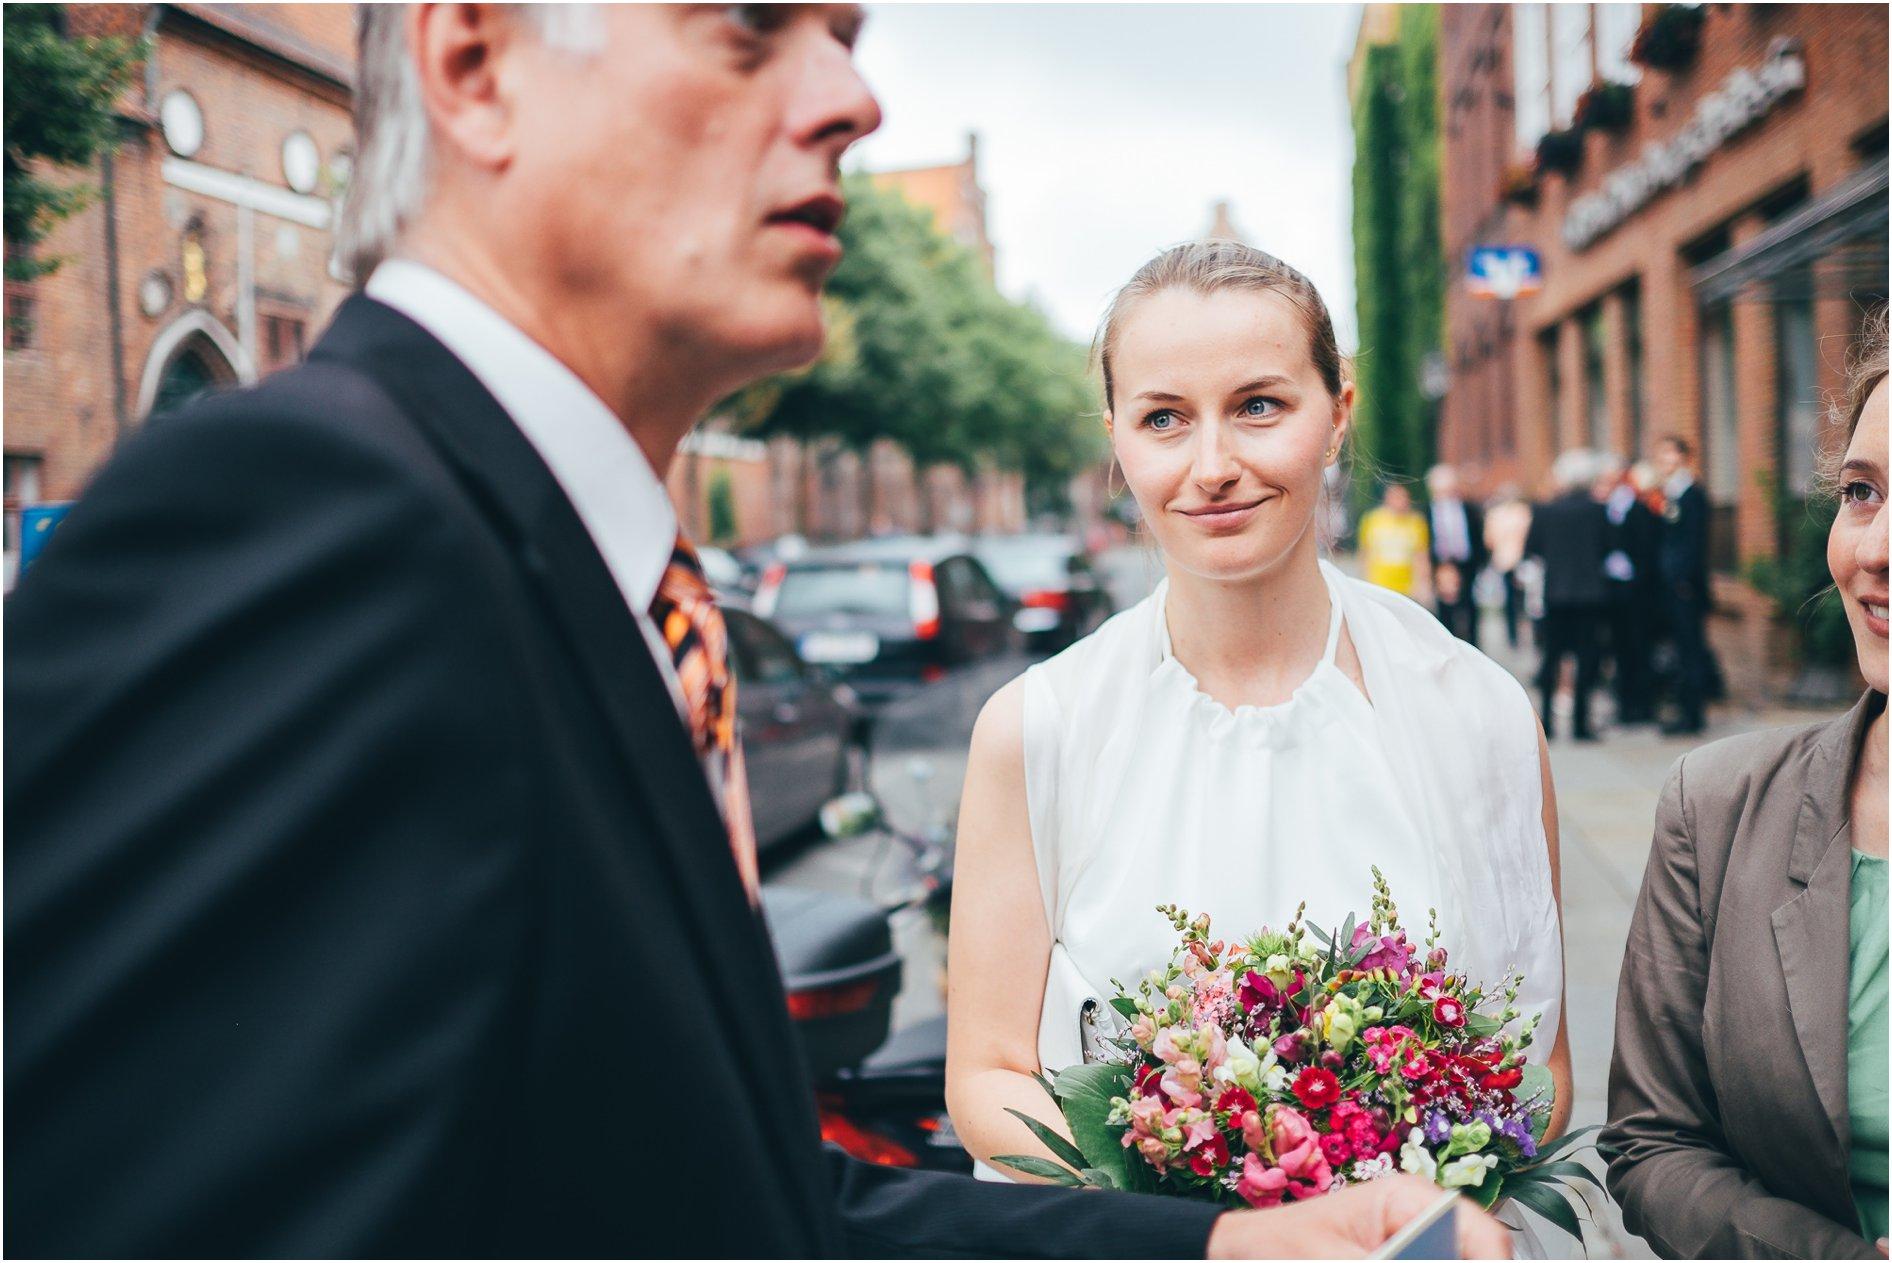 2014-10-13_0009 Jenny & Matthias - Hochzeitsfotograf auf Gut Bardenhagen